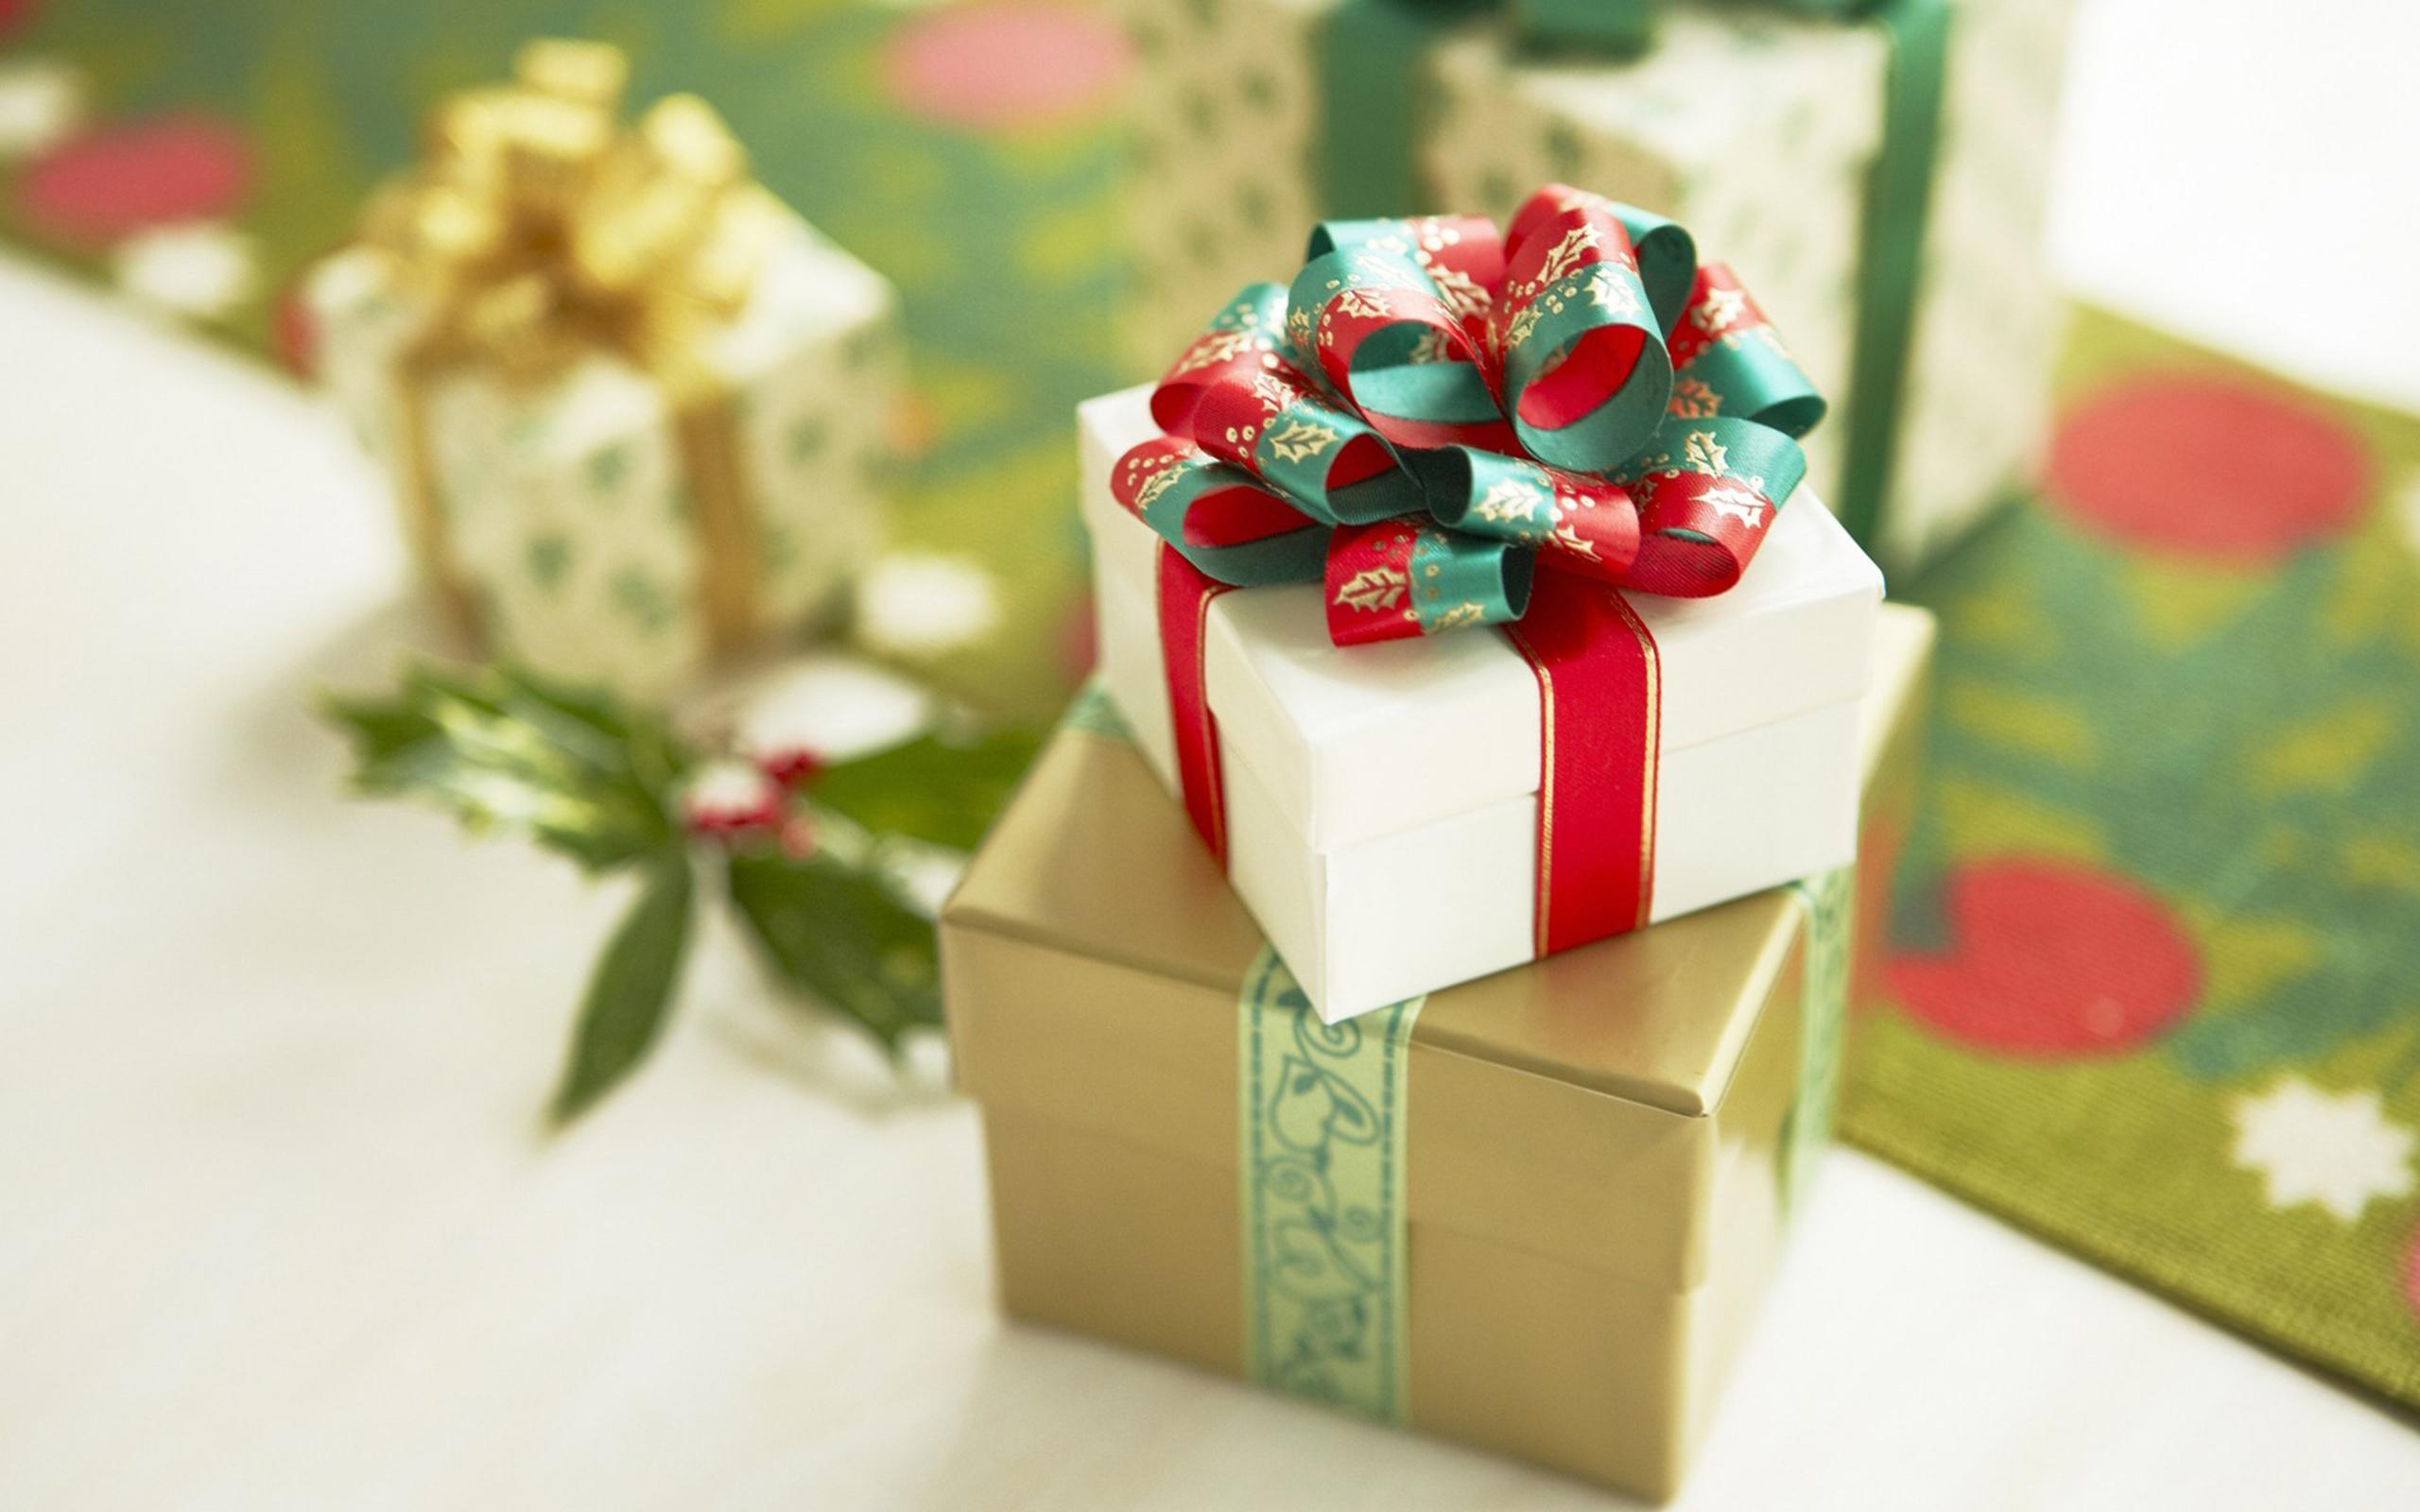 Картинки которые можно подарить к новому году